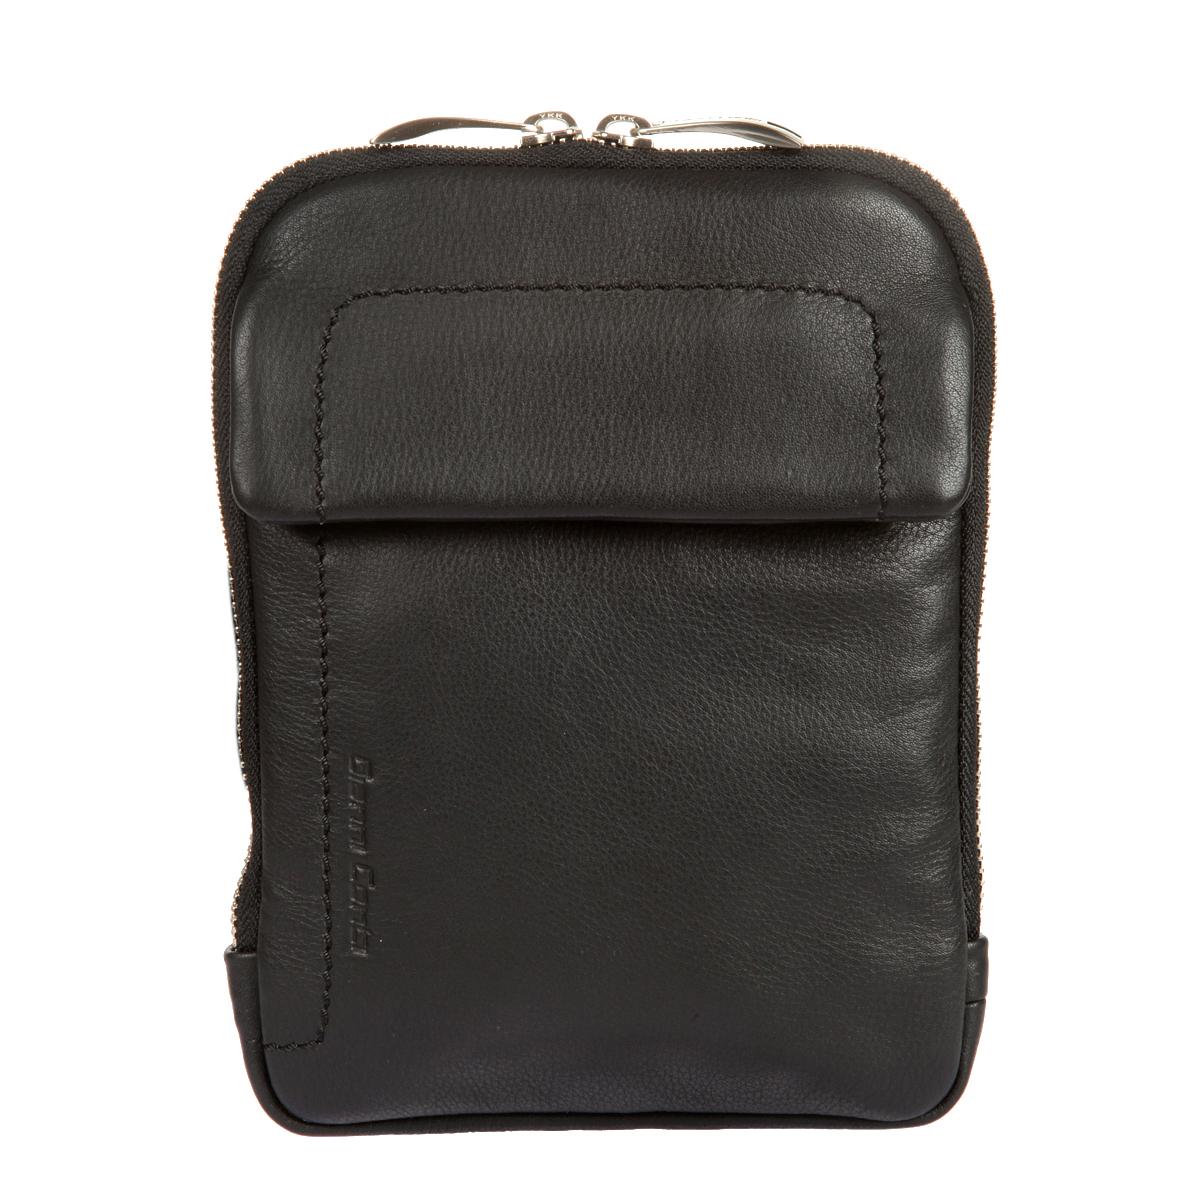 Сумка-планшет мужская Gianni Conti, цвет: черный. 16023301602330 blackСтильная сумка-планшет Gianni Conti выполнена из высококачественной натуральной кожи с фактурным тиснением. Лицевая сторона дополнена тиснением с названием бренда производителя. Планшет имеет одно основное отделение, которое закрывается на застежку-молнию с двумя бегунками. Внутри имеются три накладных кармана для документов и четыре держателя для авторучек и карандашей. На внешней стенке - карман, закрывающийся клапаном на магнитную кнопку. Сумка оснащена регулируемым плечевым ремнем. К планшету прилагается чехол для хранения. Функциональность, вместительность, качество исполнения и непревзойденный стиль сумки- планшета Gianni Conti, несомненно, понравится любому мужчине.